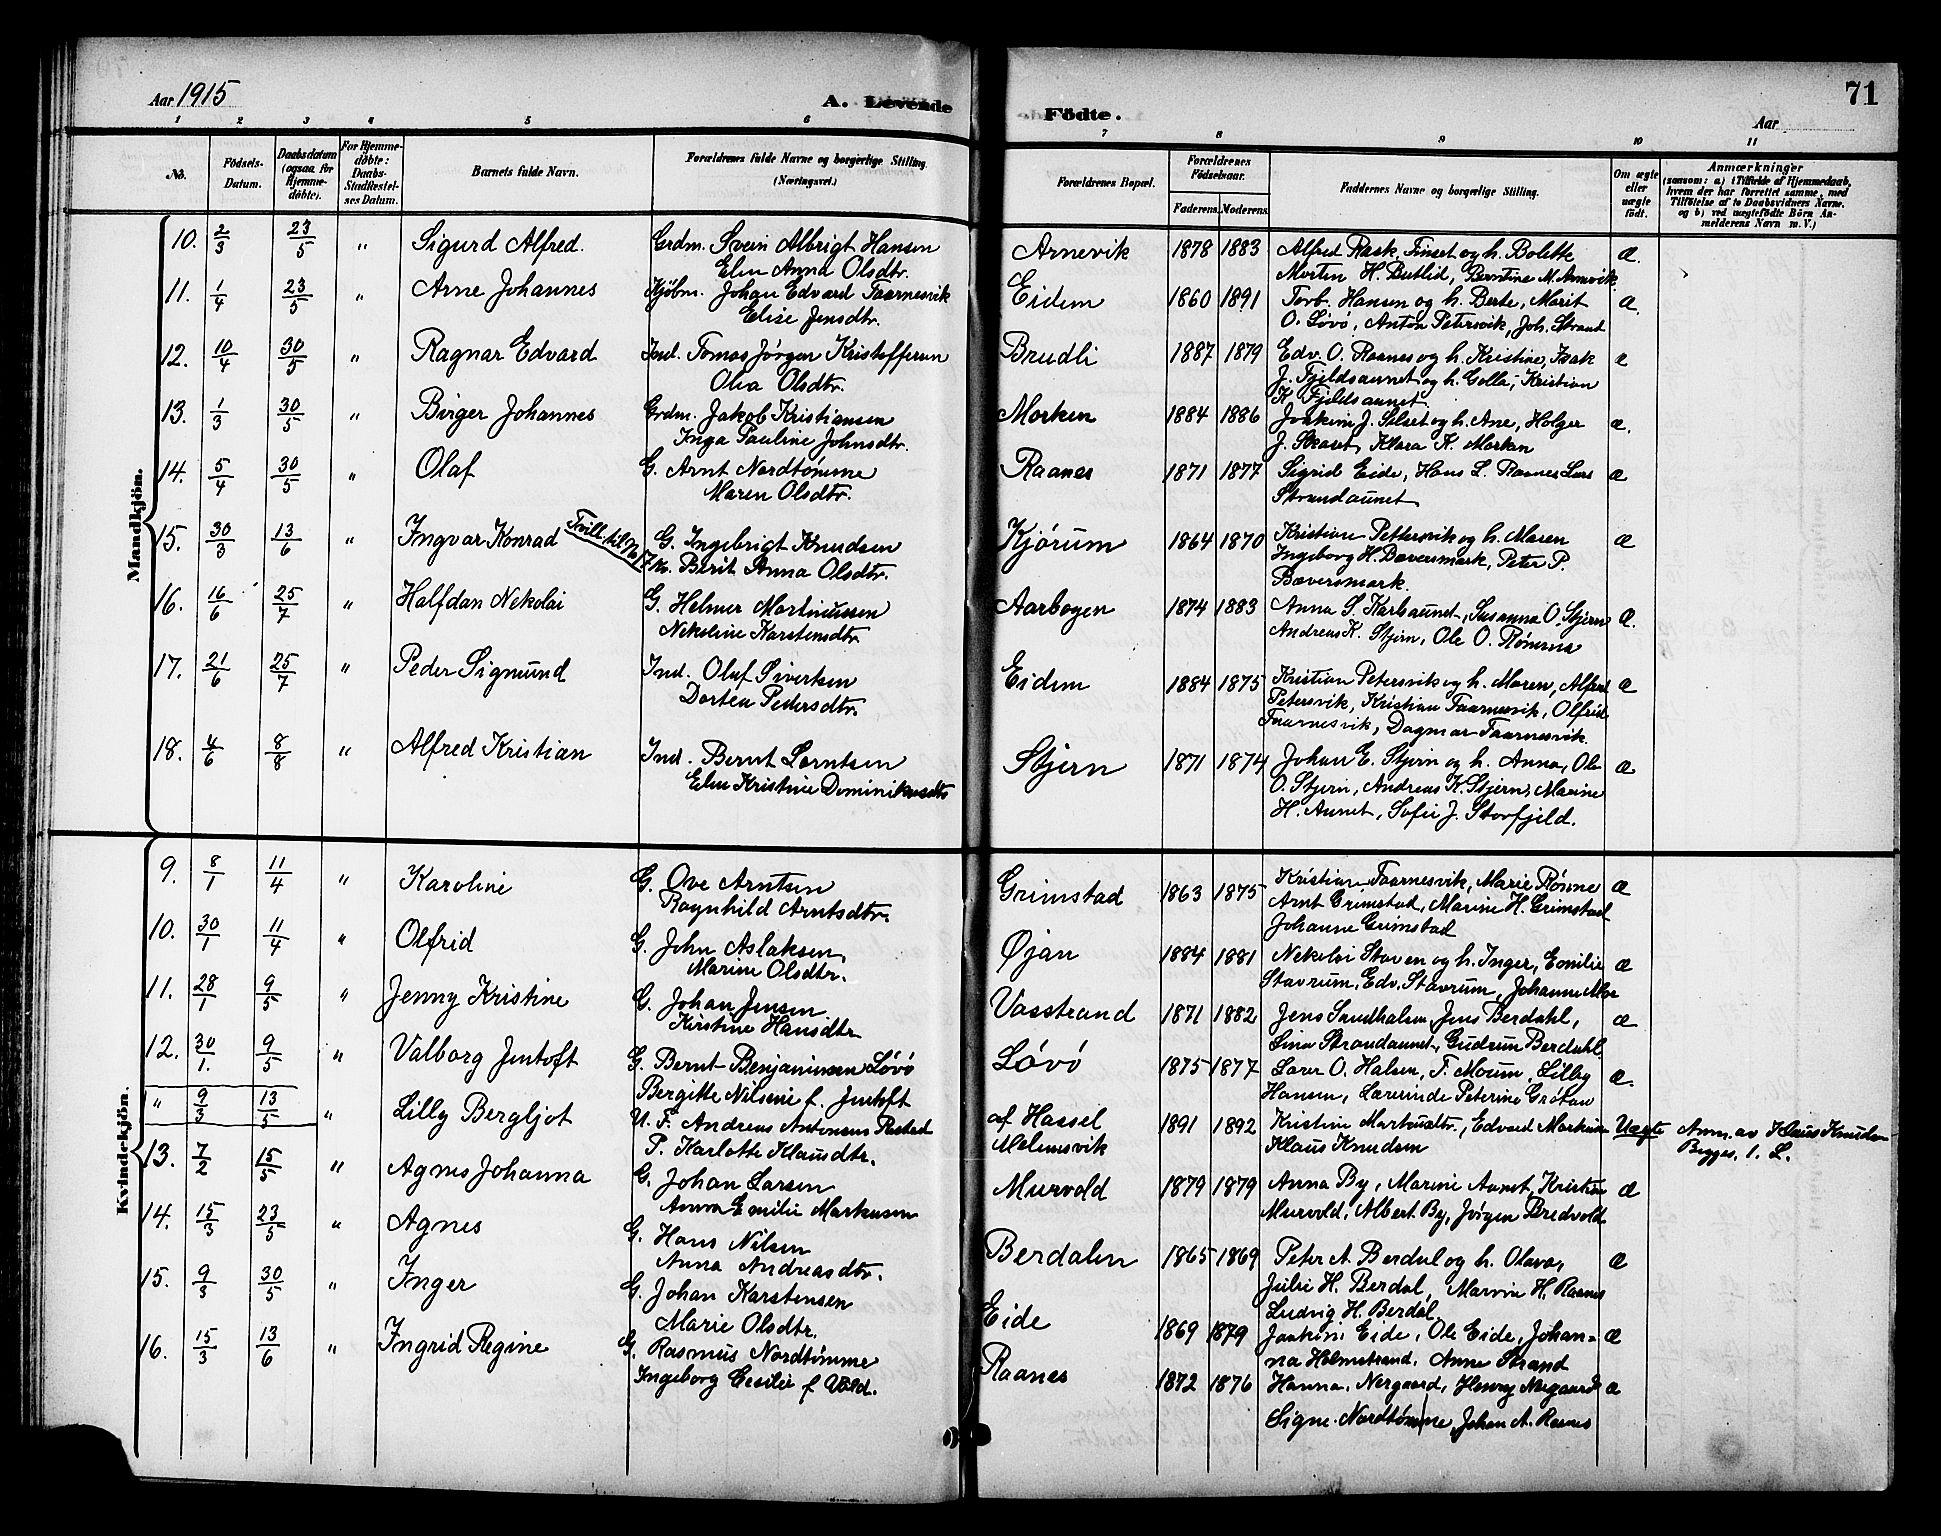 SAT, Ministerialprotokoller, klokkerbøker og fødselsregistre - Sør-Trøndelag, 655/L0688: Klokkerbok nr. 655C04, 1899-1922, s. 71